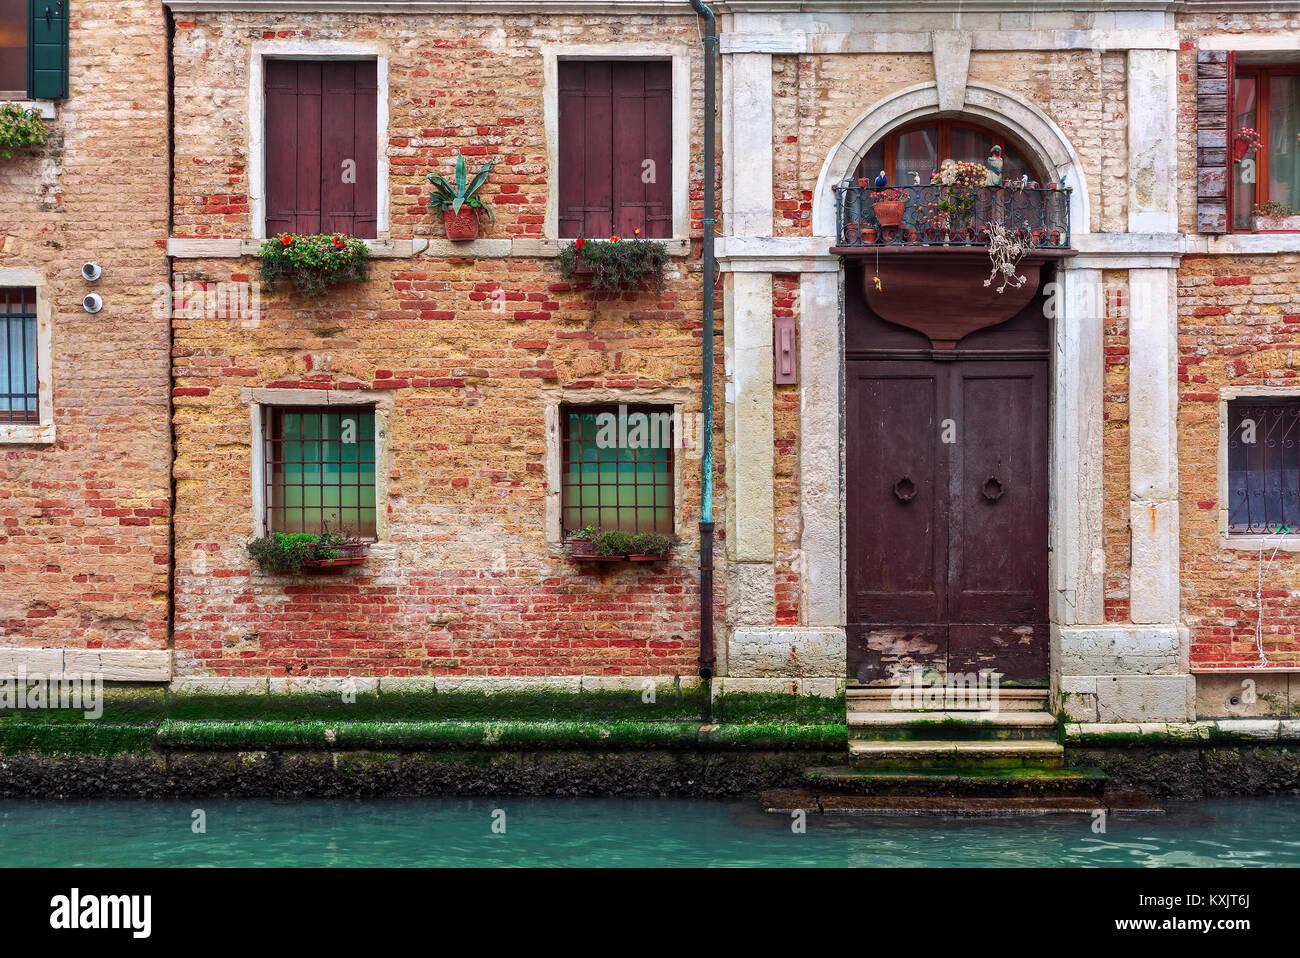 Fassade des teilweise bemoosten alten Backsteinhaus mit Holz vintage Tür auf schmalen Kanal in Venedig, Italien. Stockbild